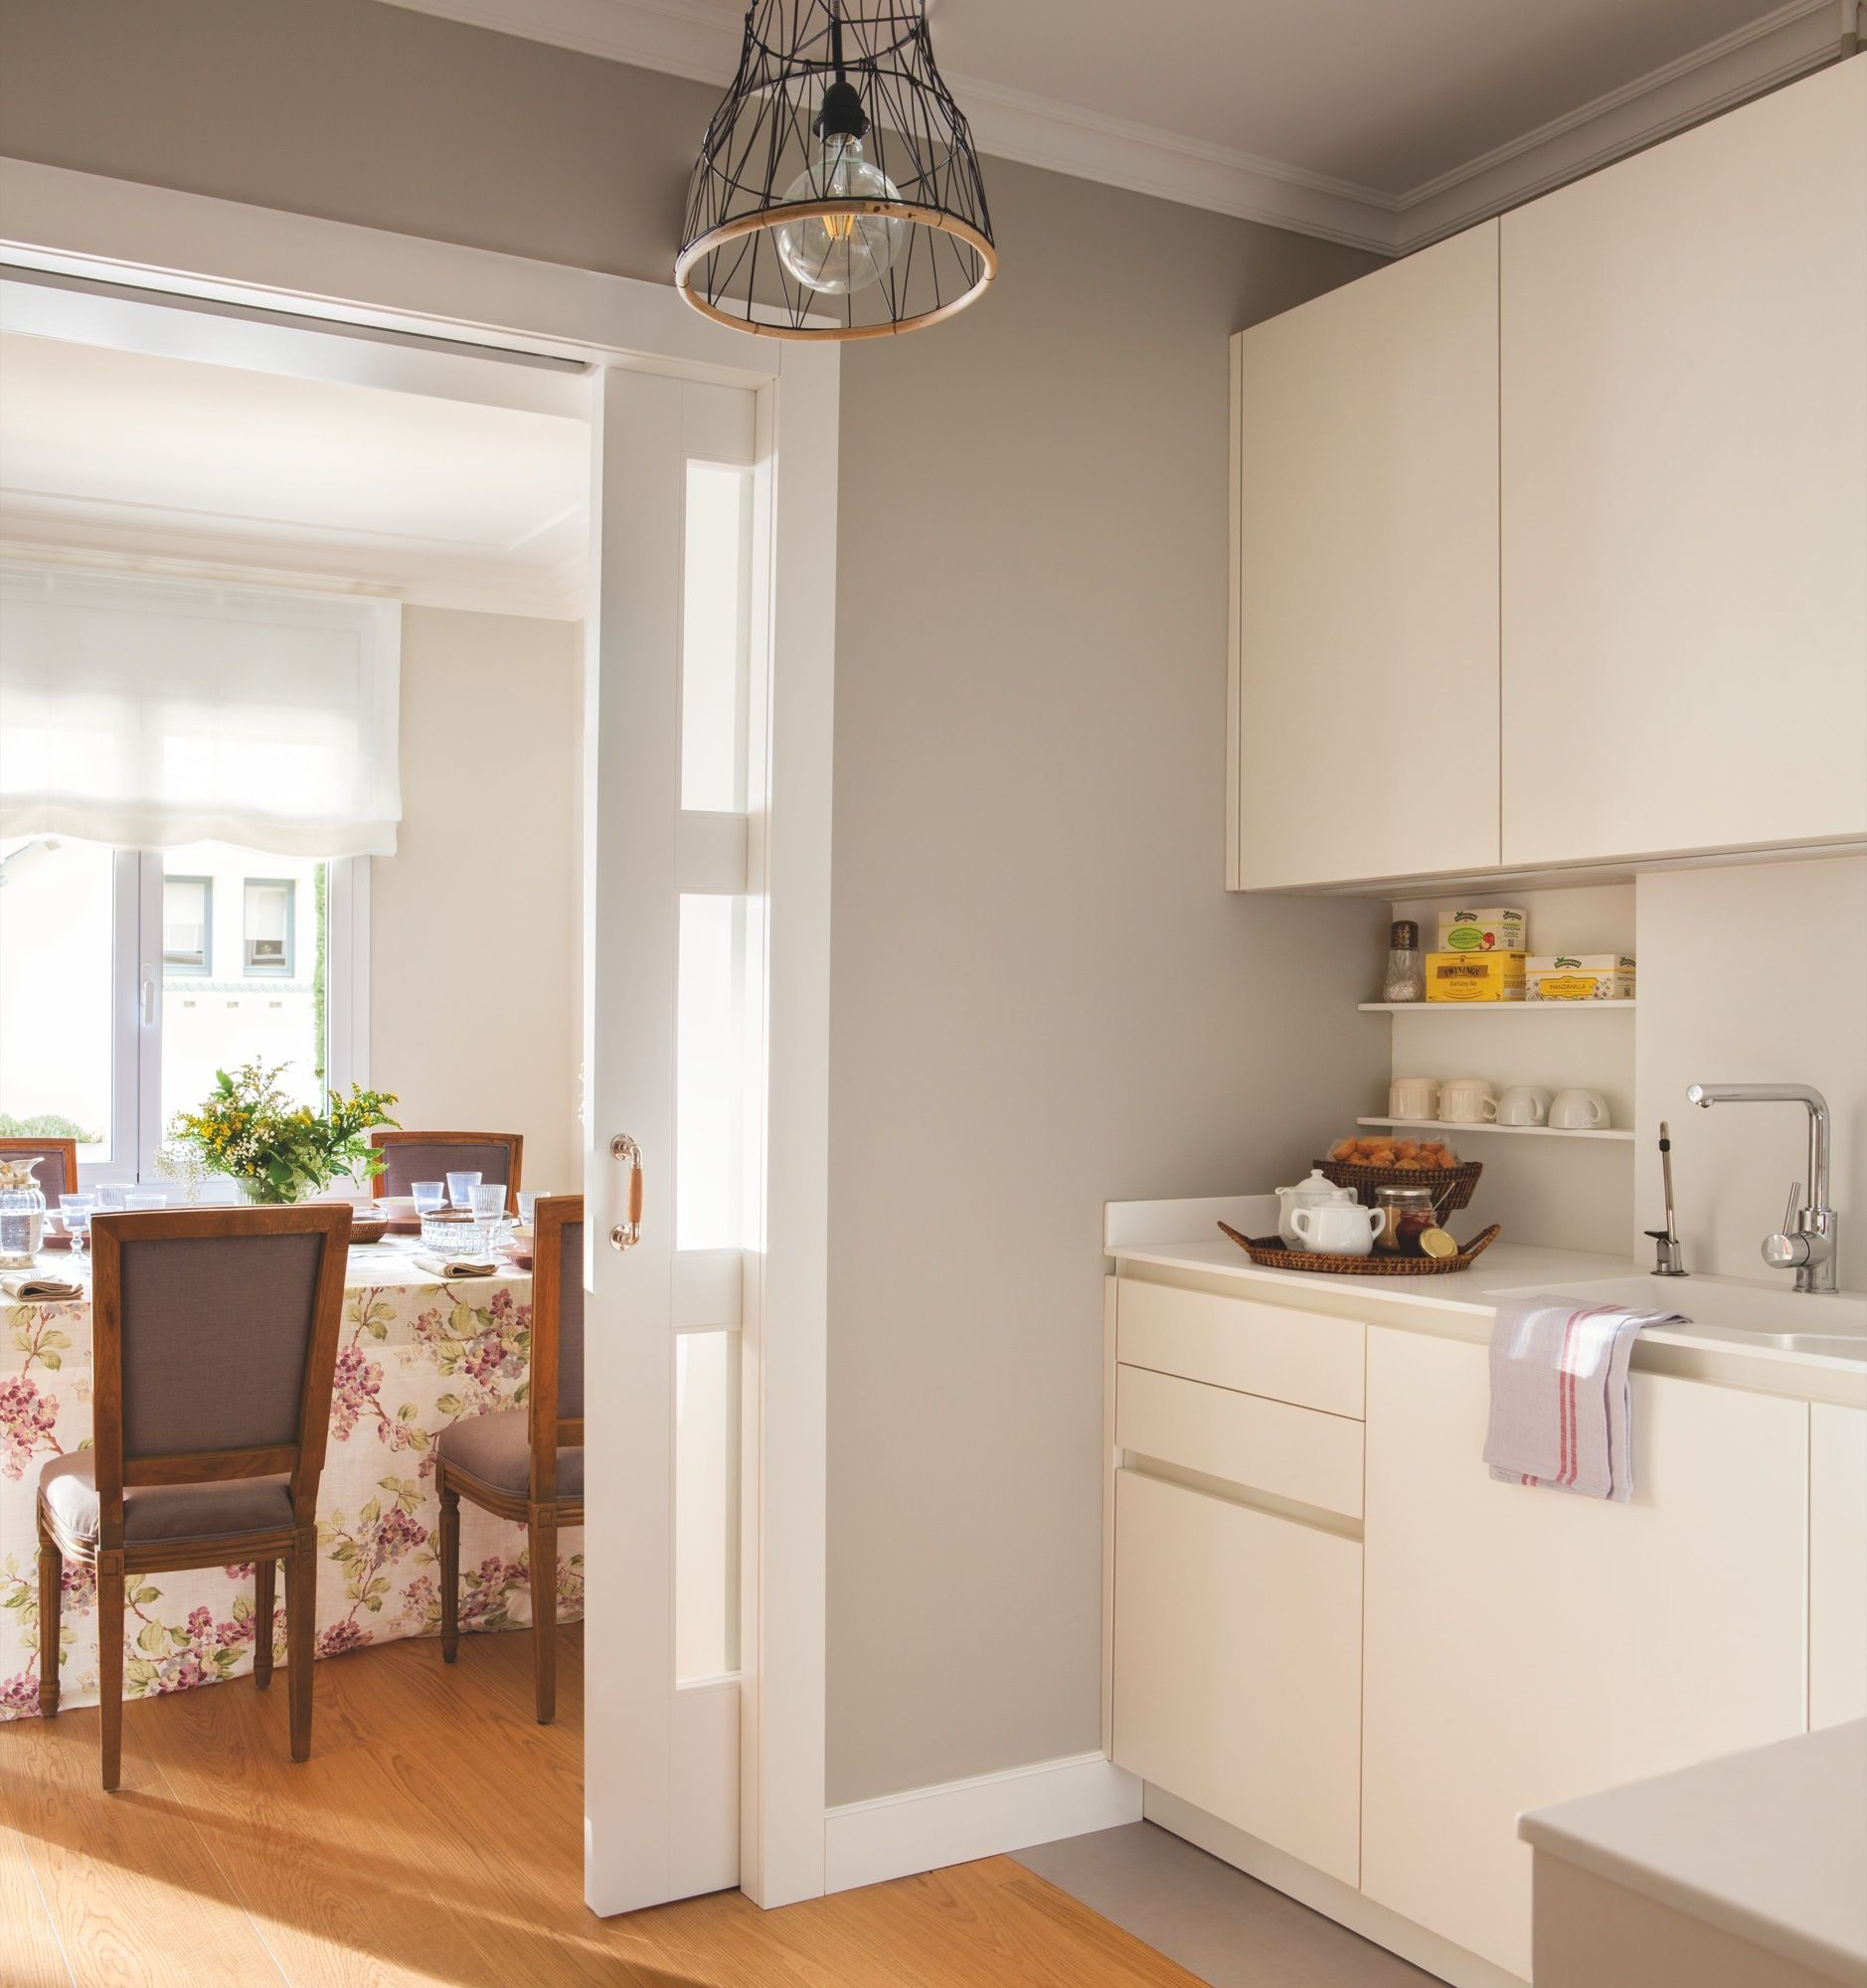 Cocina con muebles blancos paredes grises y puerta for Paredes grises y puertas blancas